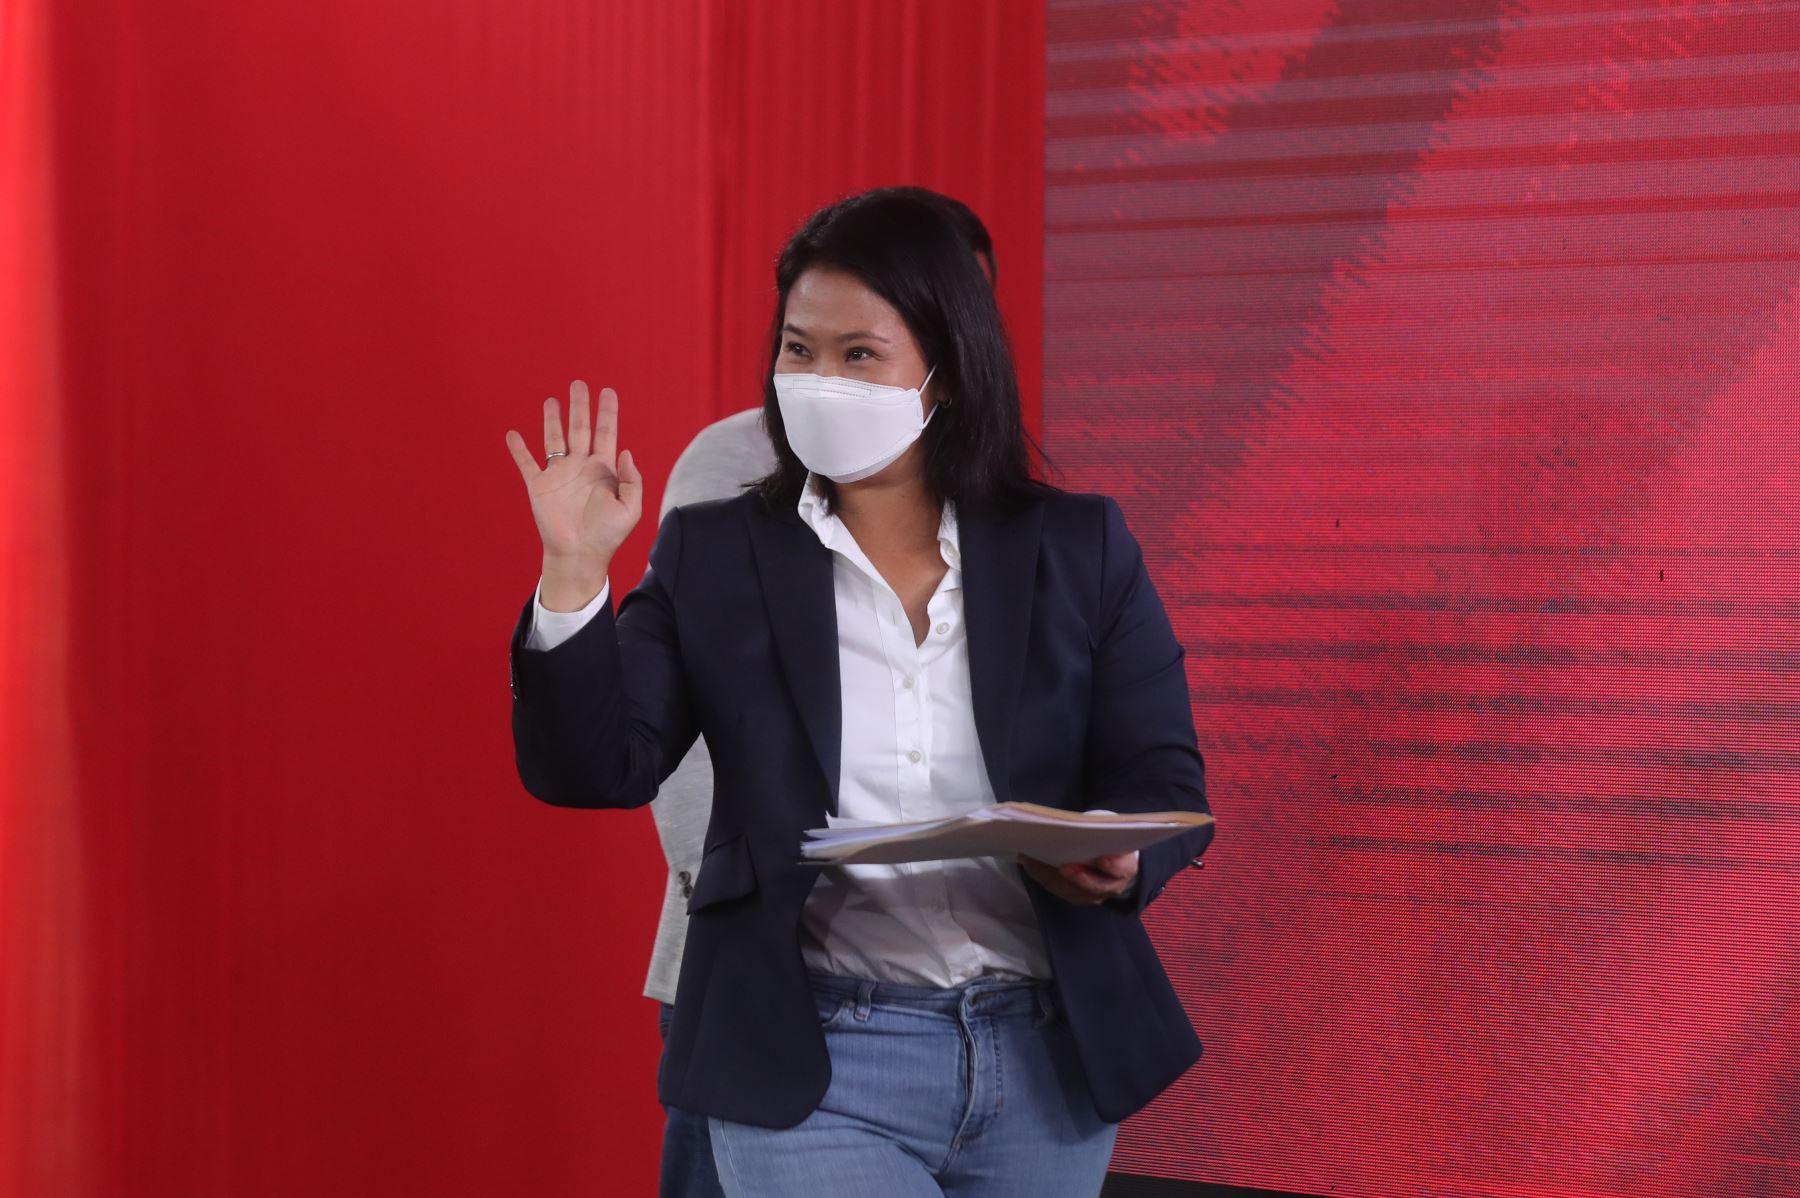 Conferencia de prensa de la candidata a la presidencia, Keiko Fujimori, junto con sus abogados, Lourdes Flores Nano y Virgilio Hurtado. Foto: ANDINA/Carla Patiño Ramírez